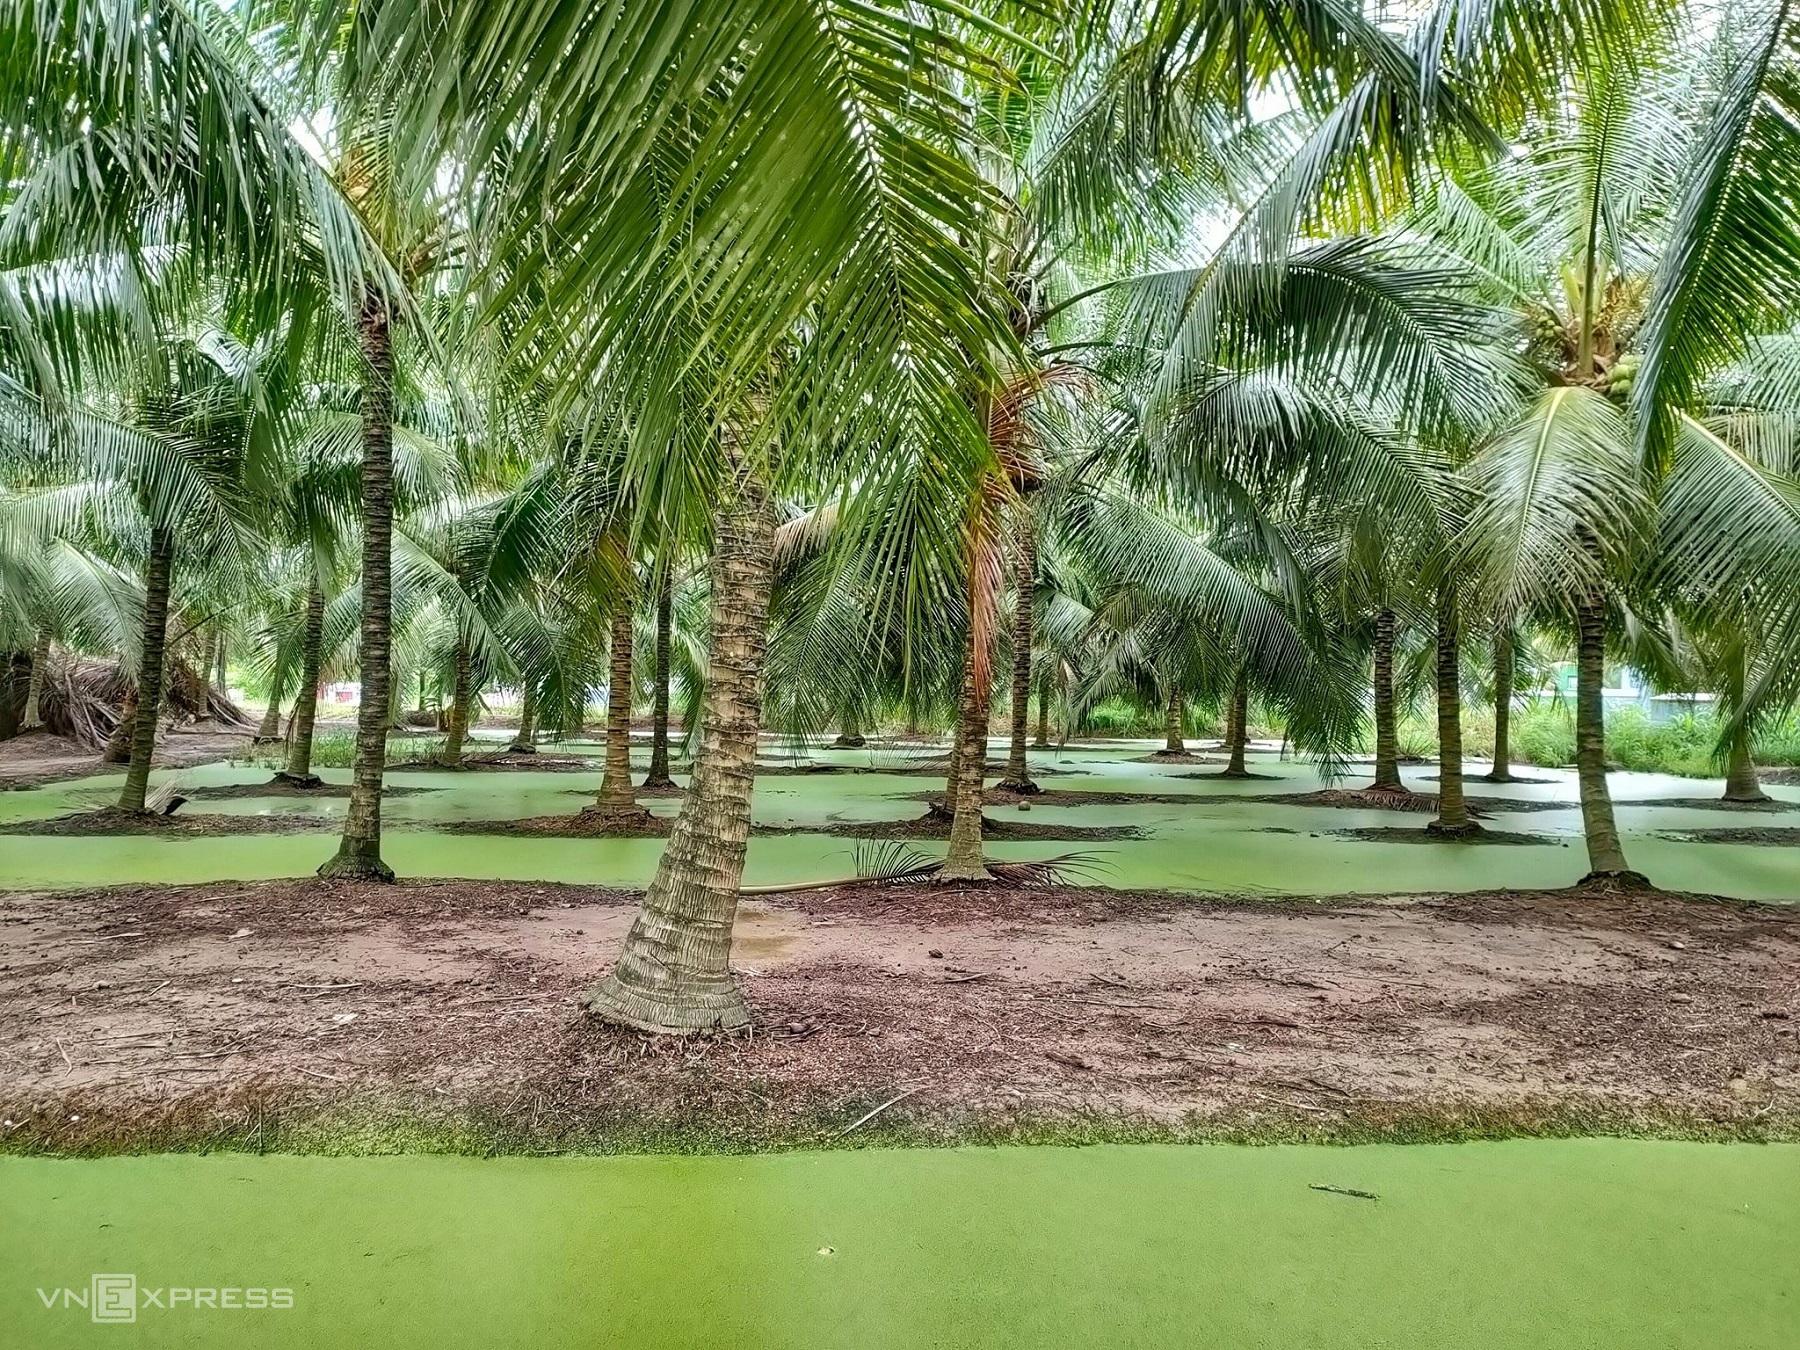 Các luống trồng dừa trải dài tại ấp 3, Hưng Nhượng, Giồng Trôm. Du khách đến Bến Tre du lịch sinh thái bắt gặp các miệt vườn trồng dừa như thế.